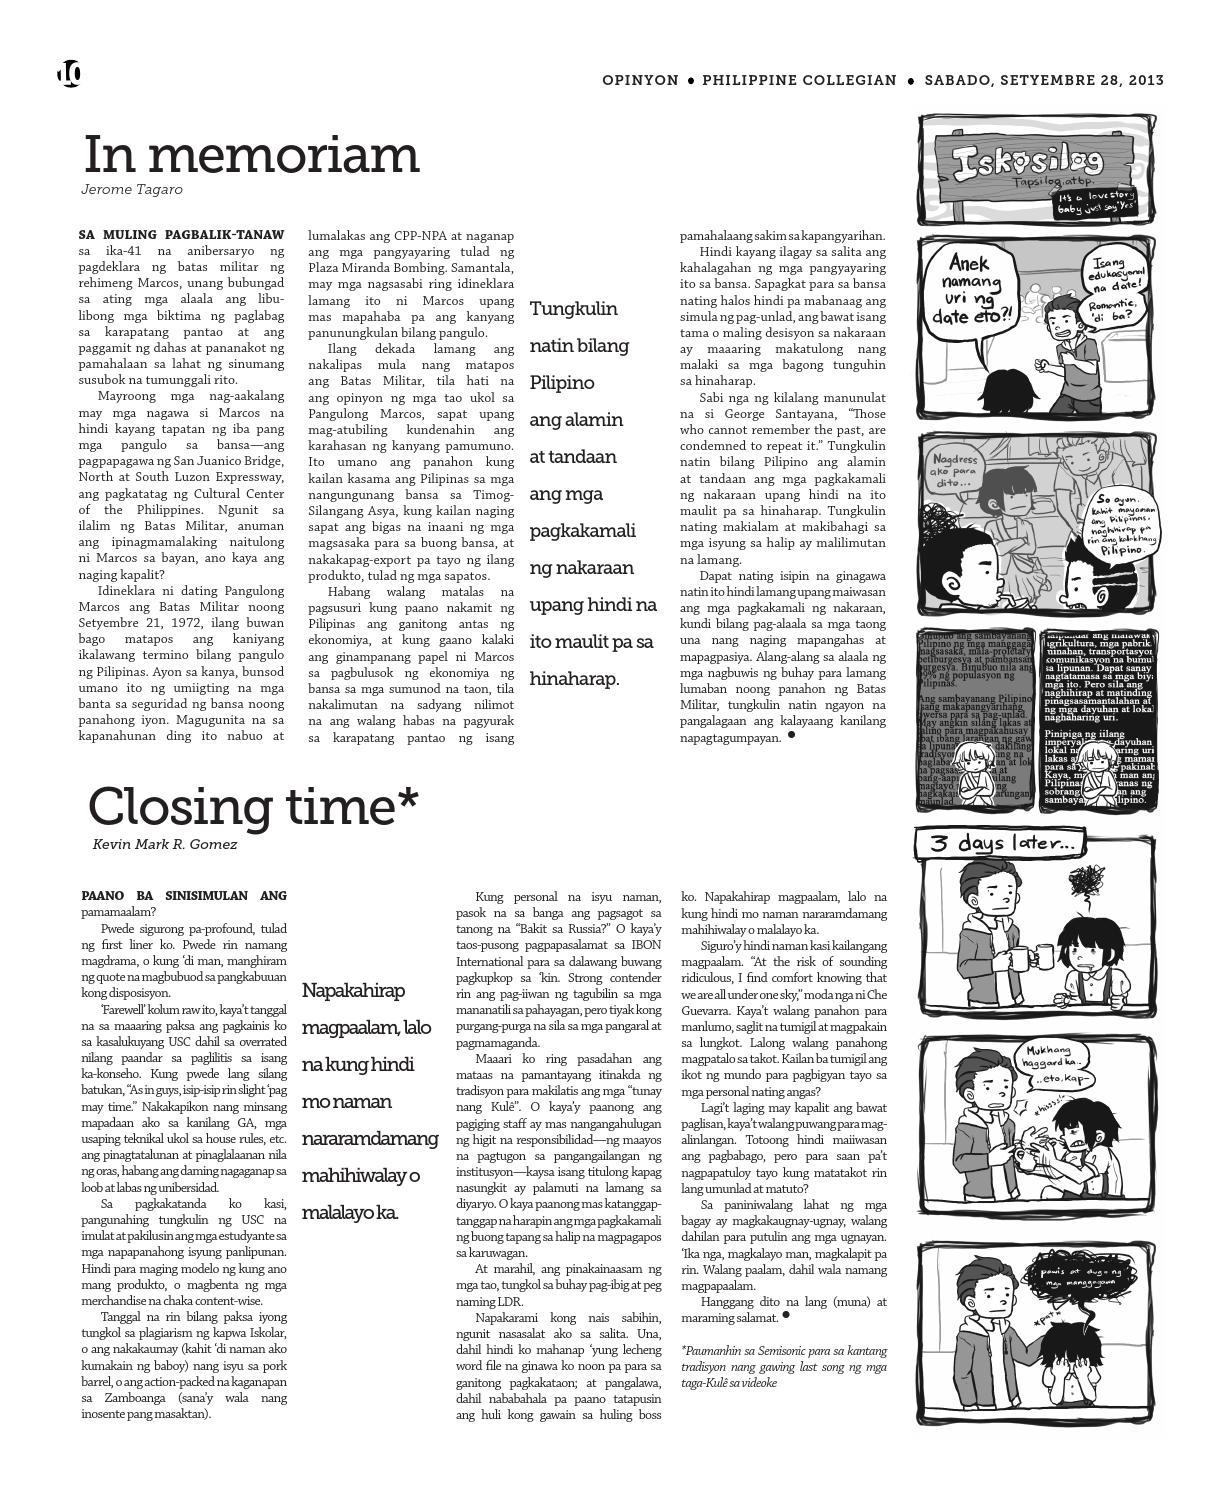 Philippine Collegian Issue 14 by Philippine Collegian - issuu